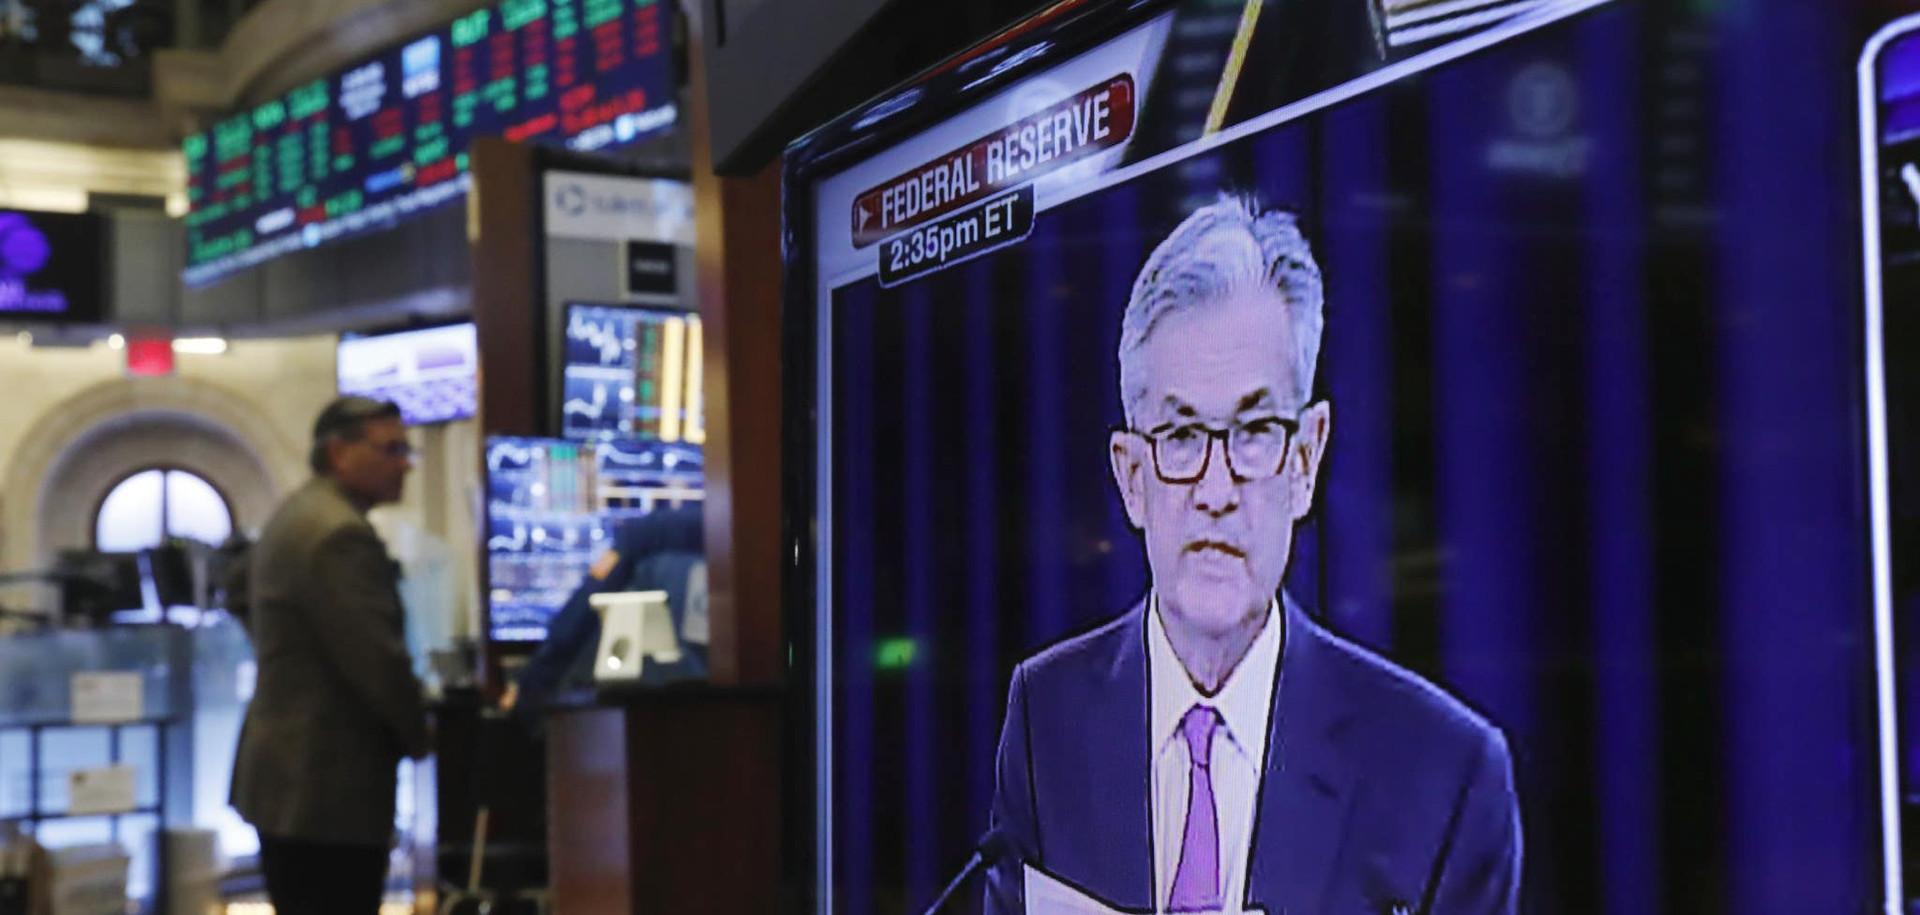 הבנקים המרכזיים מנעו משבר נוסף — אך השוק עדיין לא מגלם התאוששות מלאה